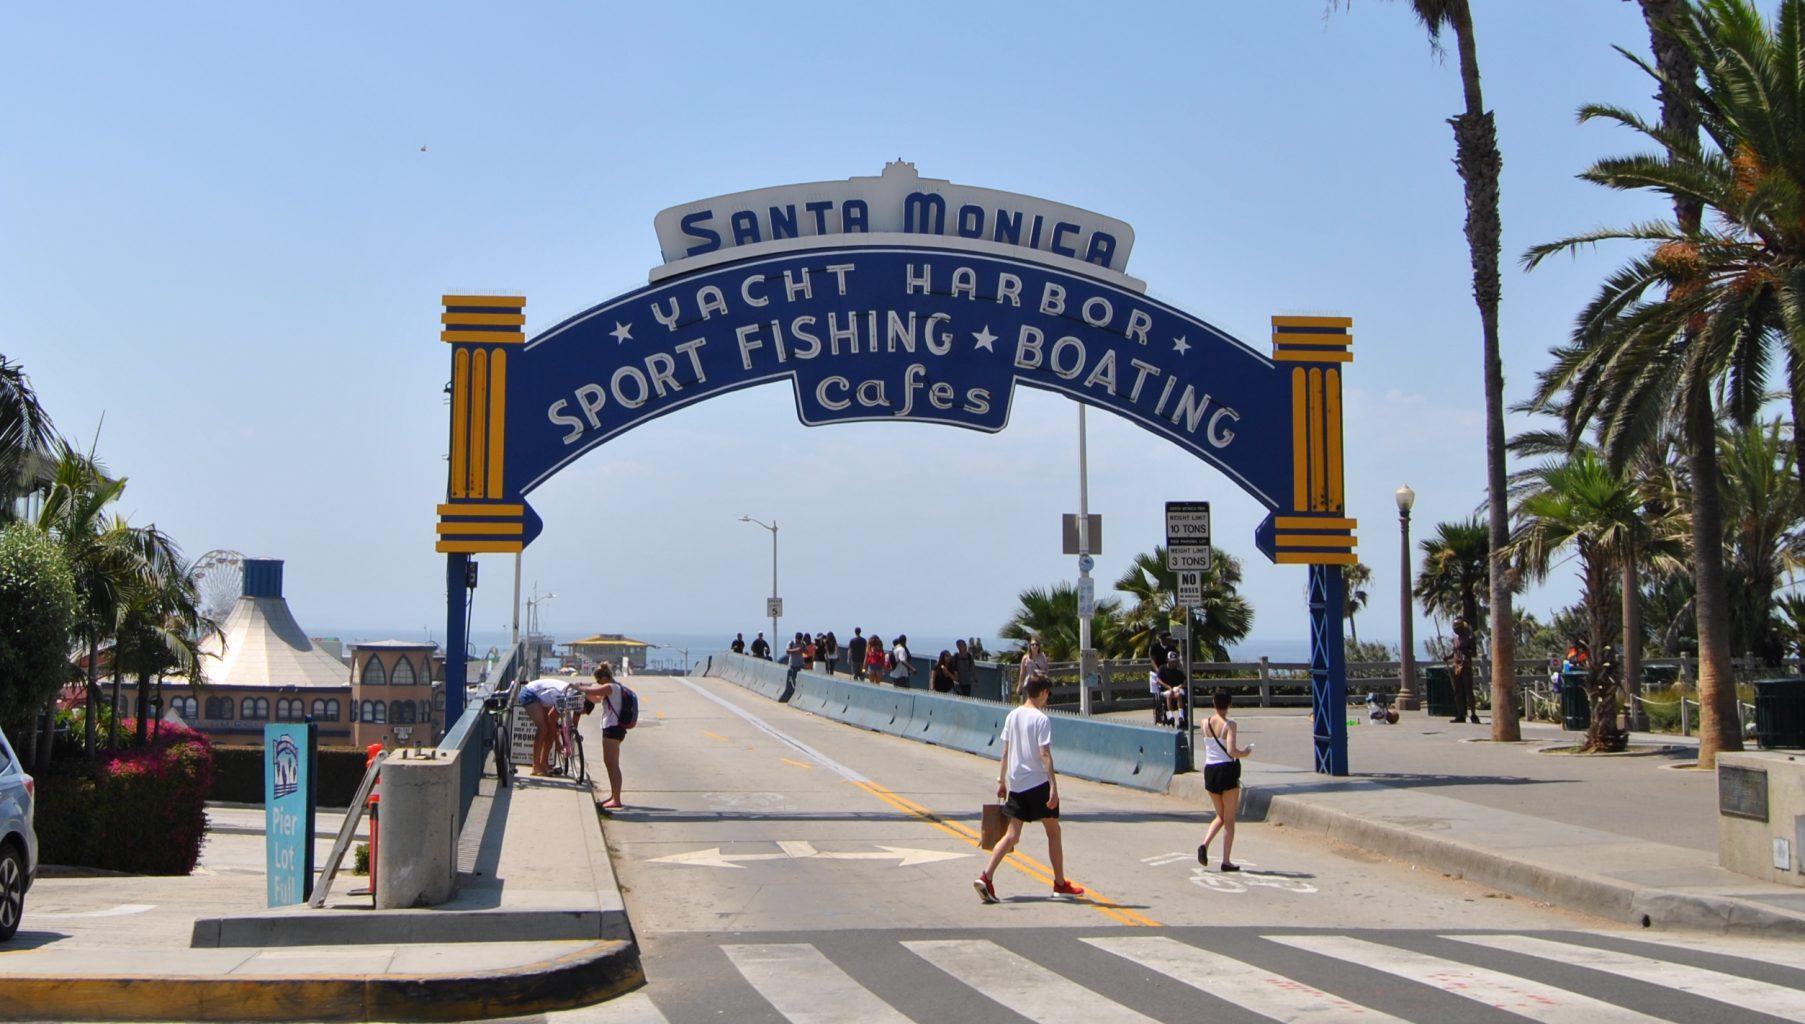 Entrada al muelle de Santa Monica